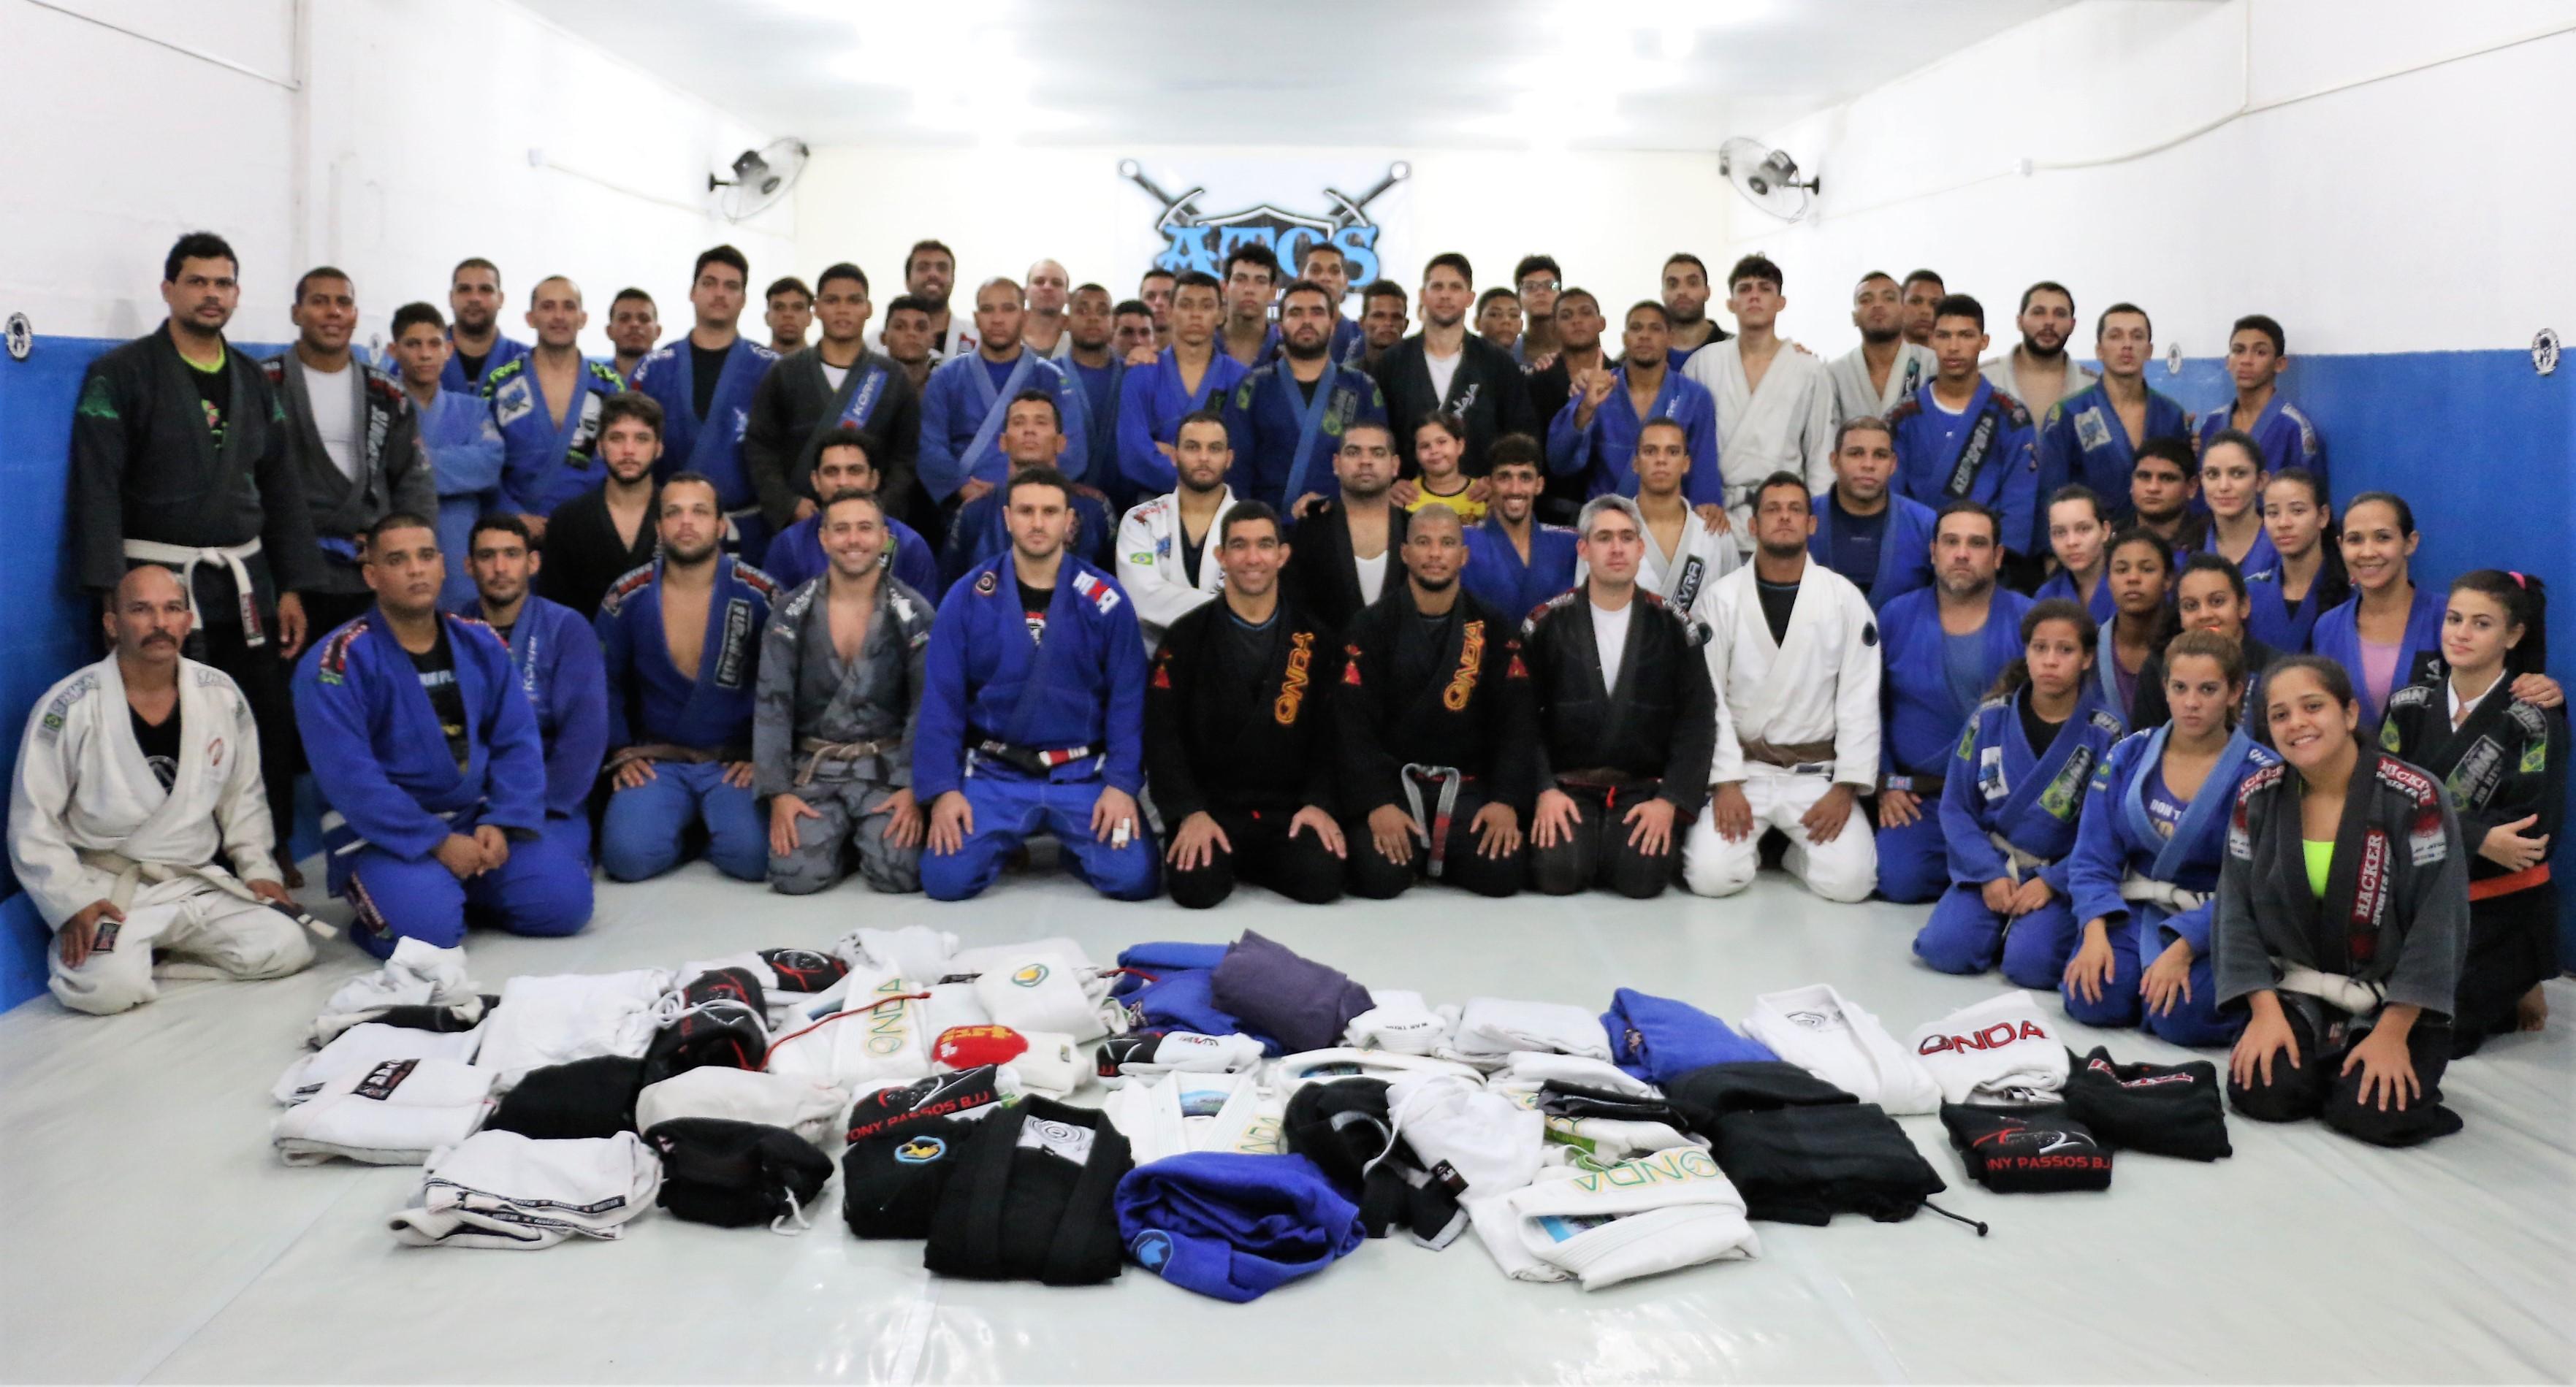 jiu jitsu gi drive in Brazil